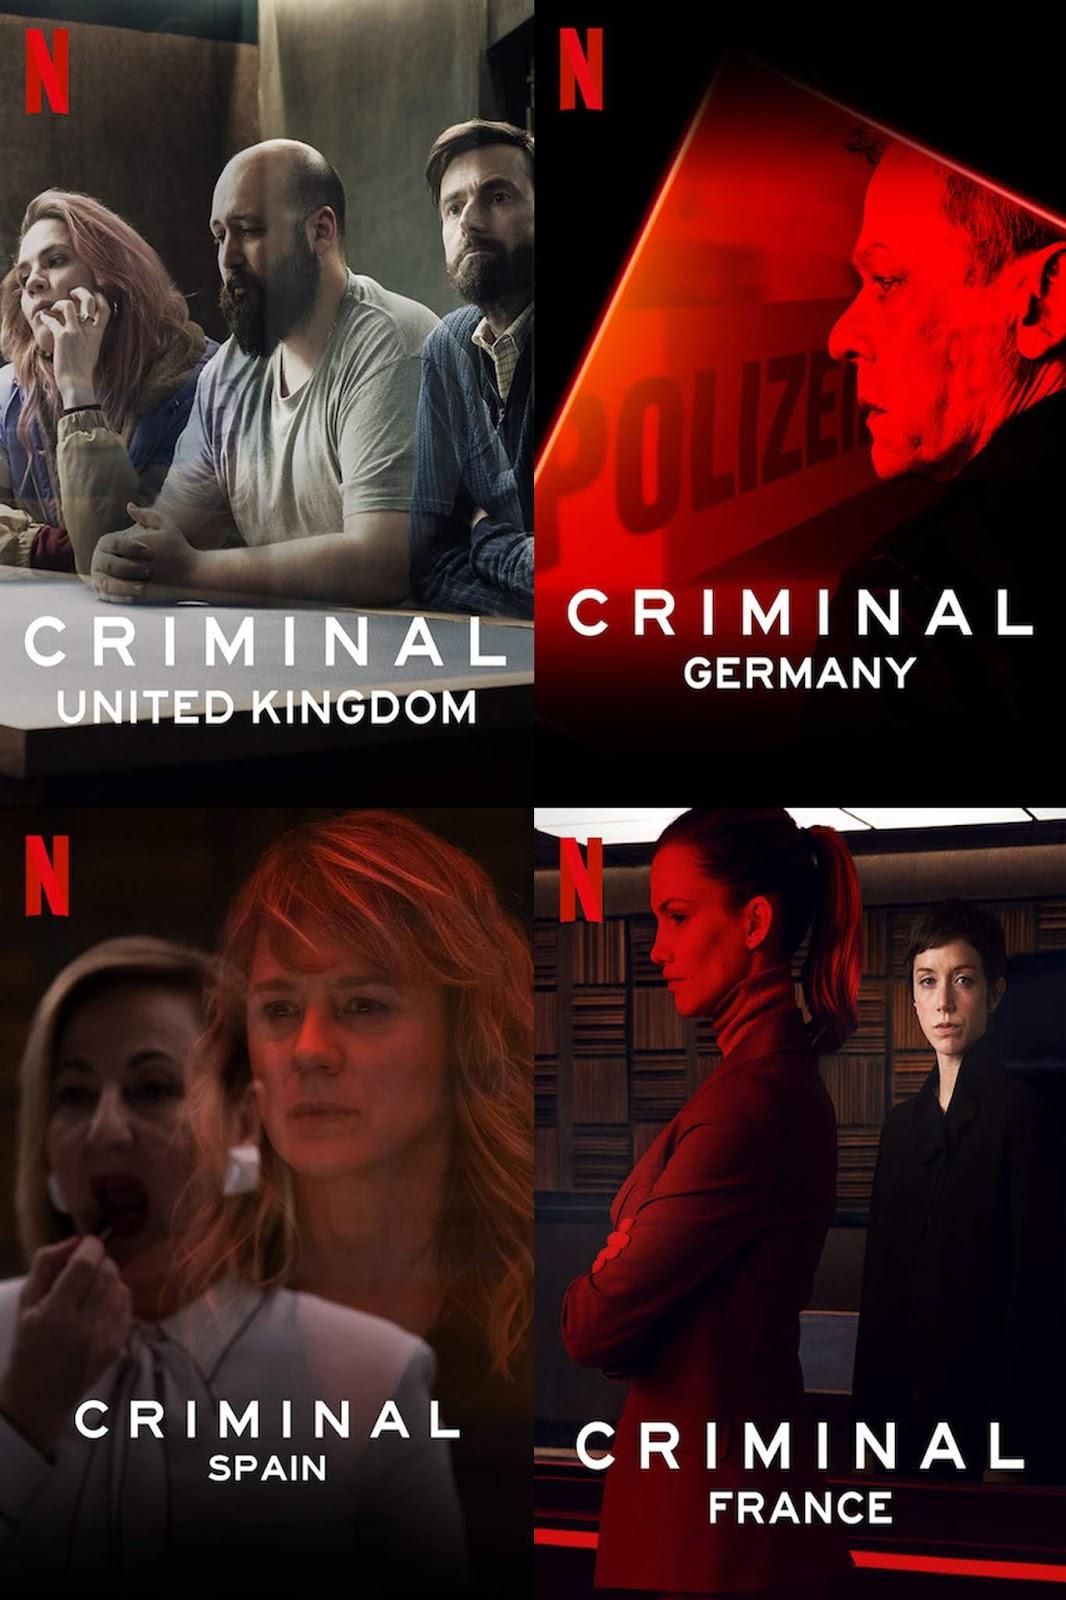 Criminal: Fr, Ger, Spain, UK (2019) Temporada 1 1080p Latino